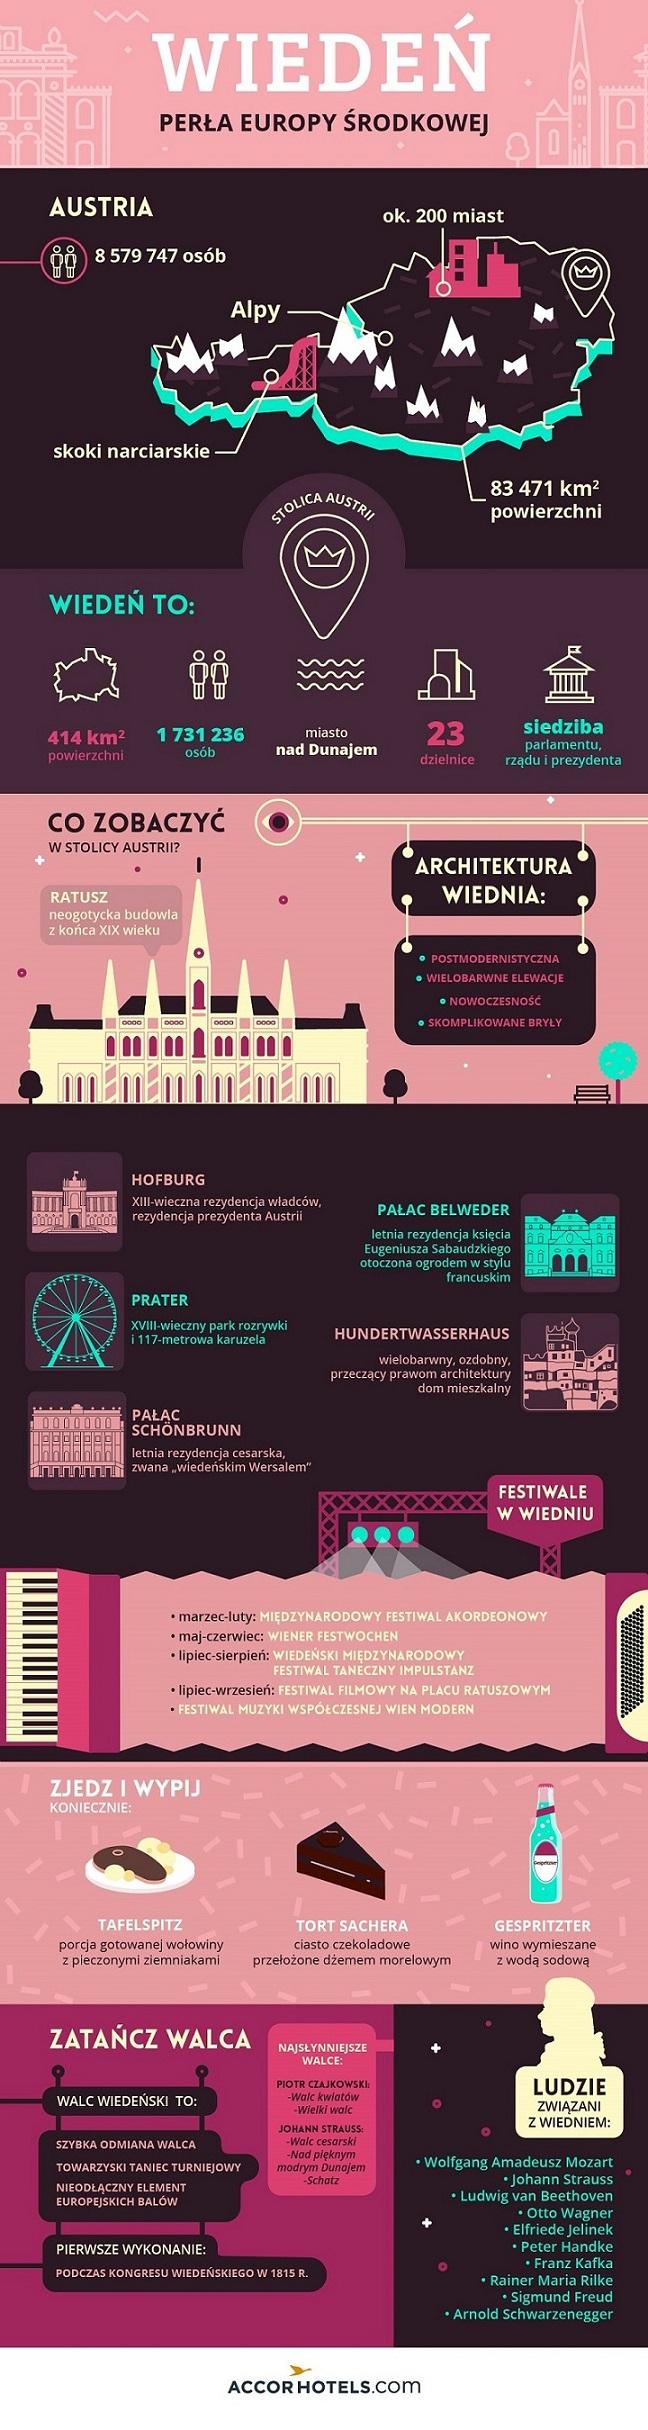 Infografika Wiedeń - AccorHotels.com